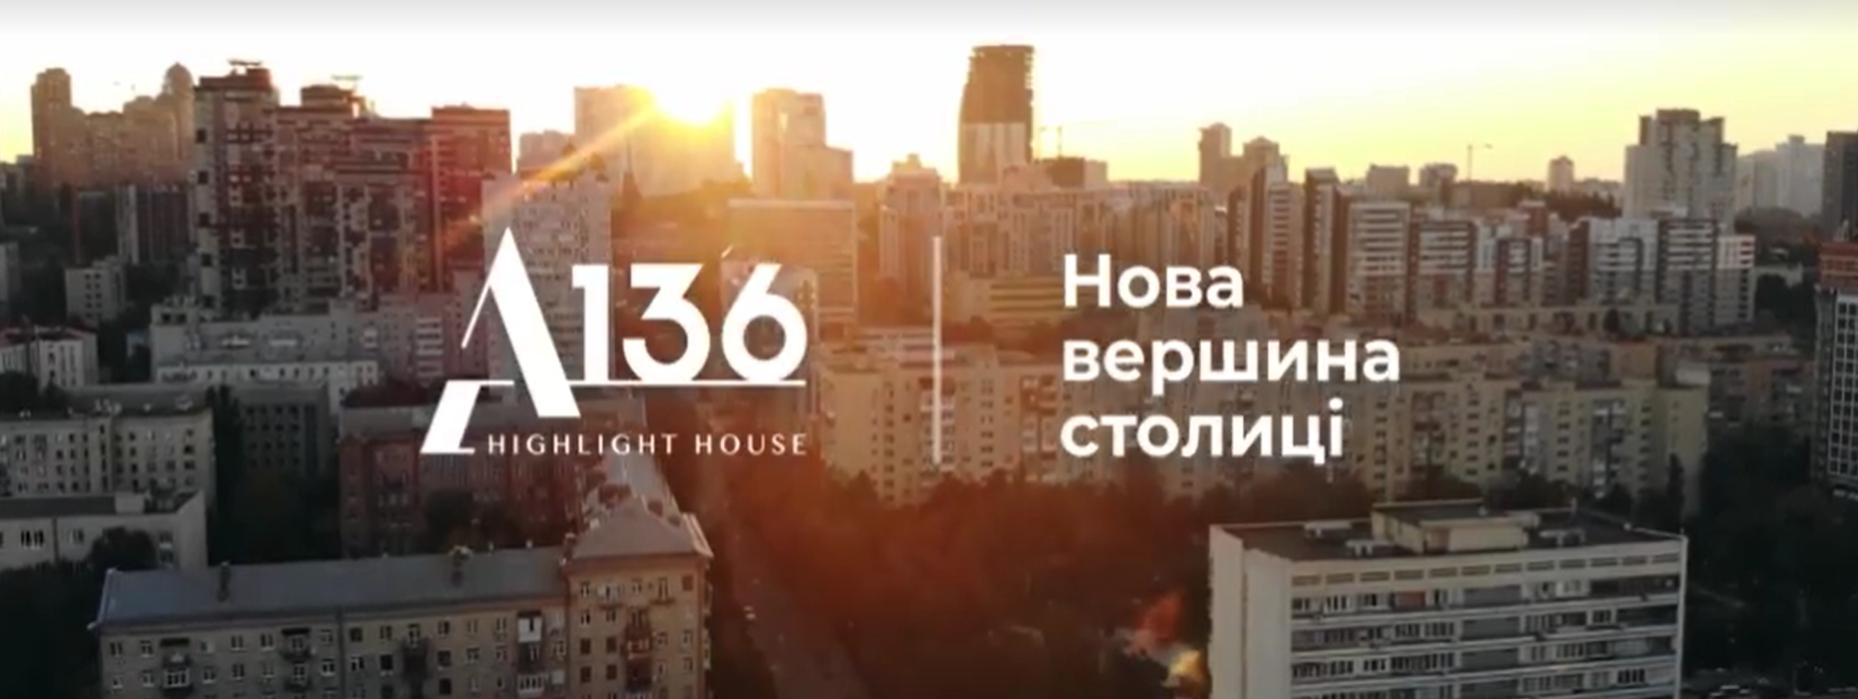 """A136 Highlight House: що відомо про """"статусний"""" комплекс"""